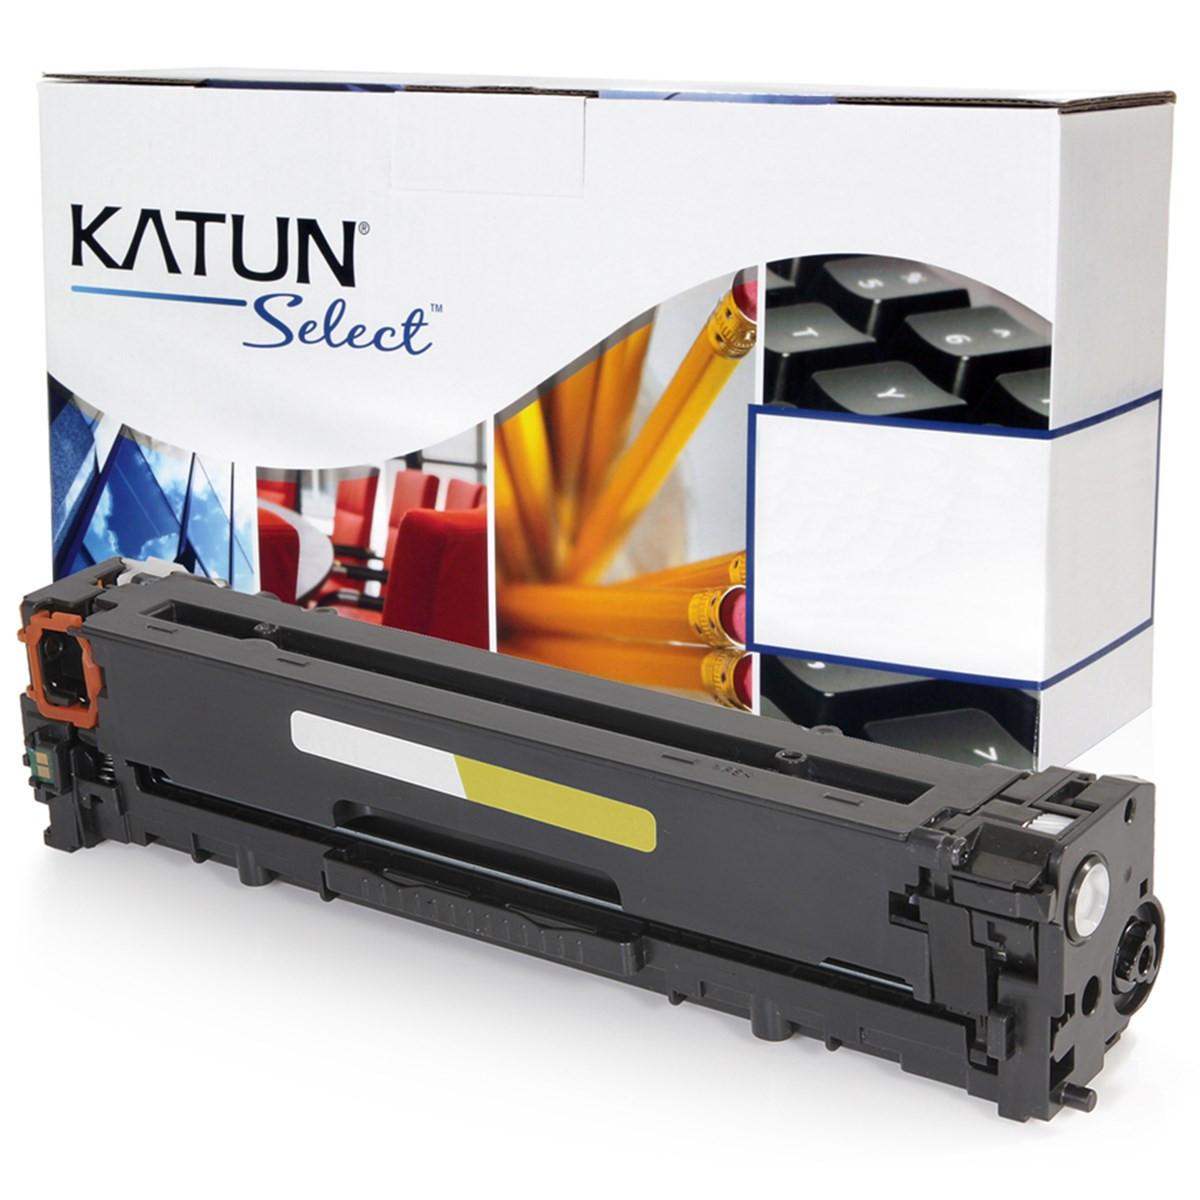 Toner Compatível HP CB542A 125A Amarelo | CP1515 CP1215 CM1312 Específico | Katun Select 1.4k